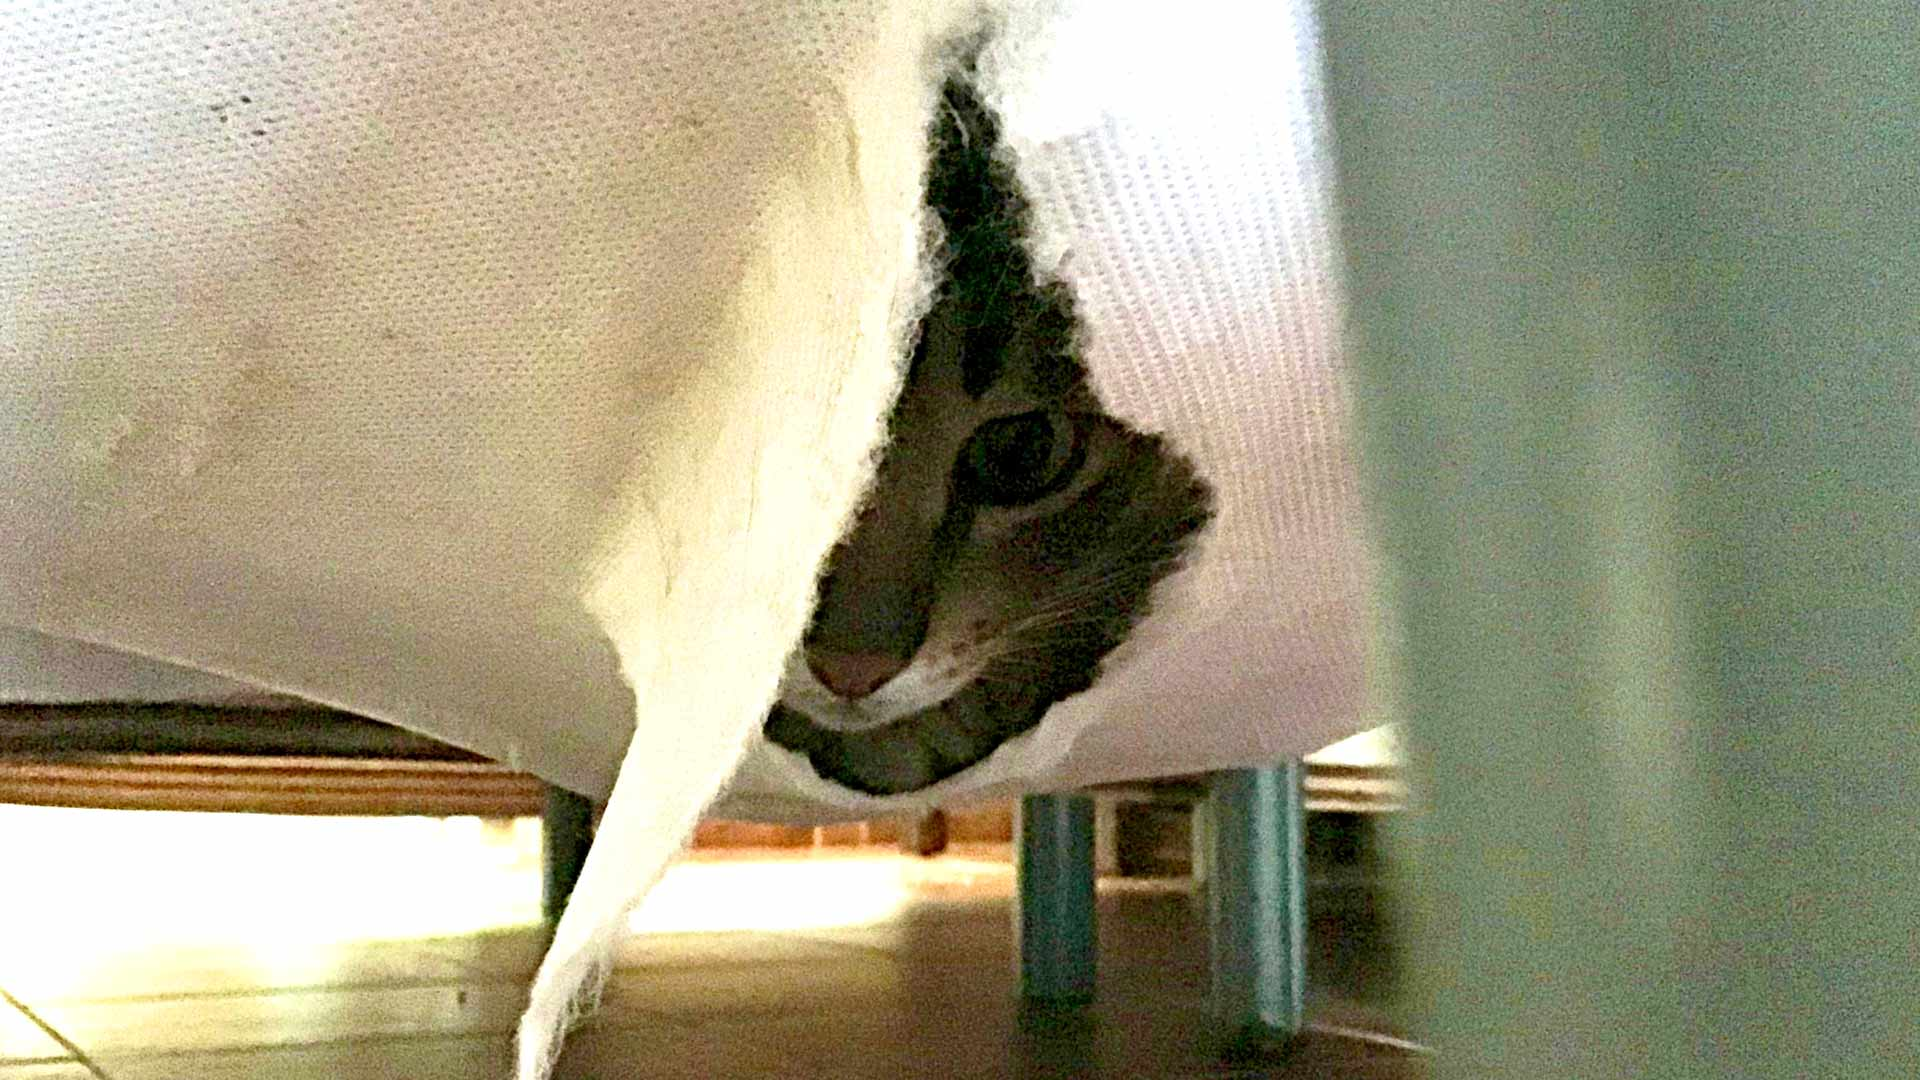 Kissa löytyi piilosta hotellisängyn runkopatjan sisältä.